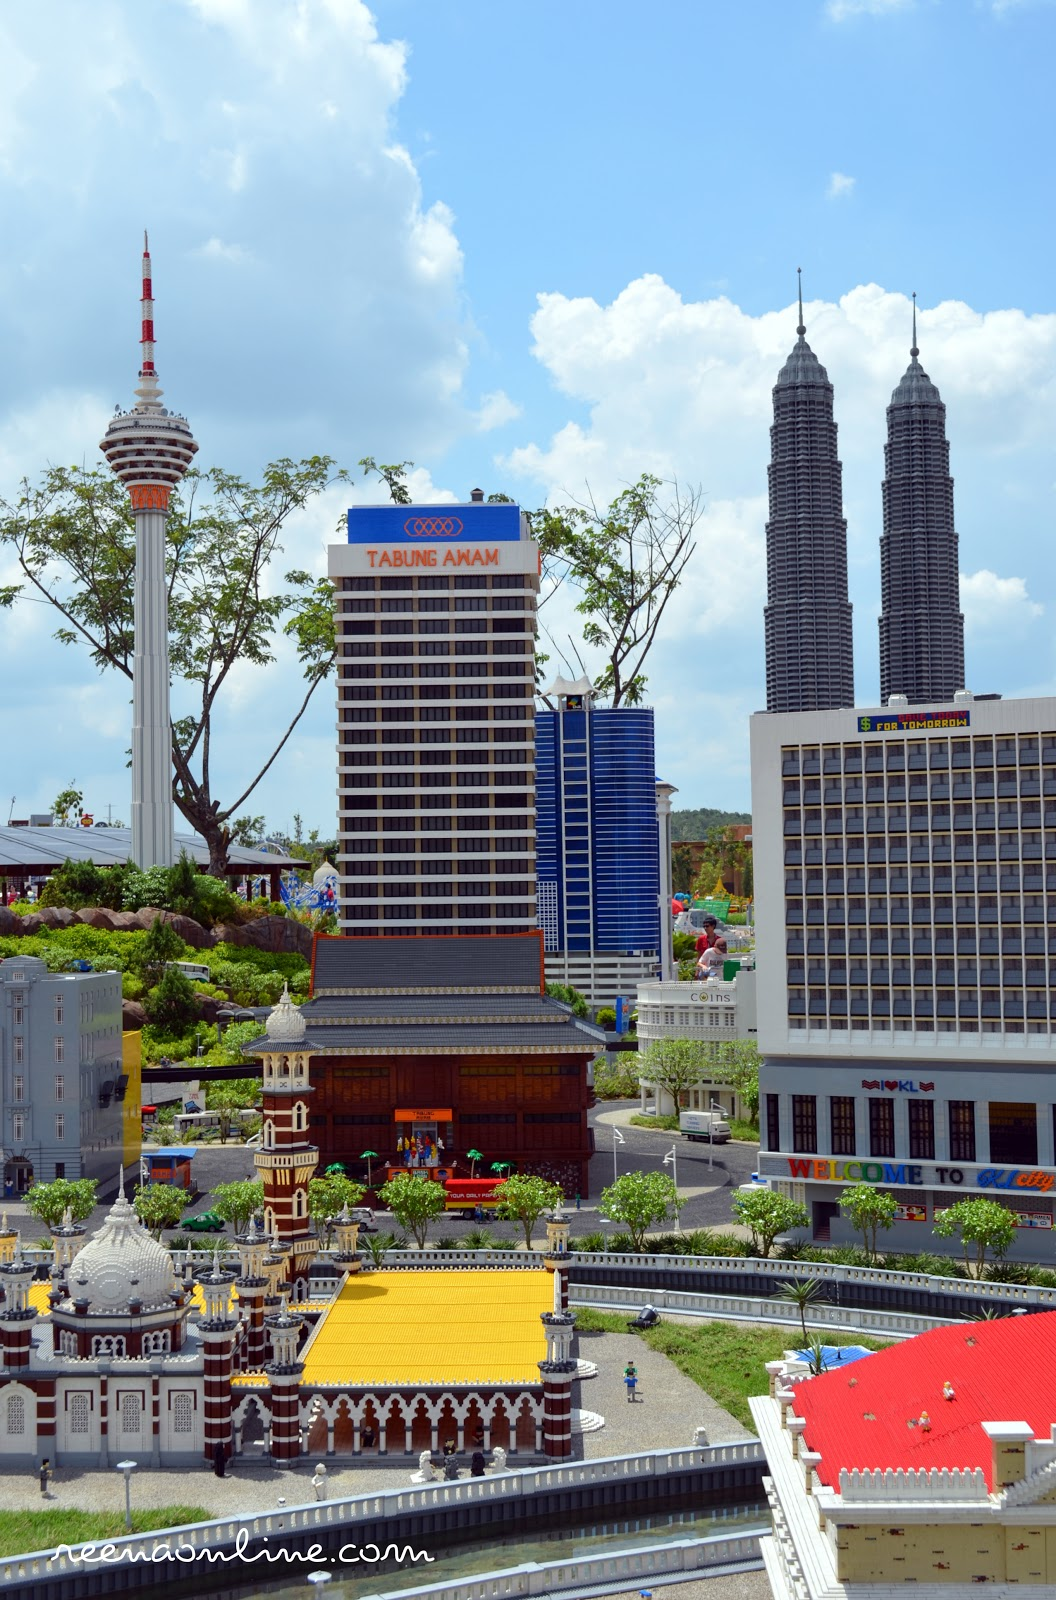 Reena's Online: Legoland Malaysia : Miniland